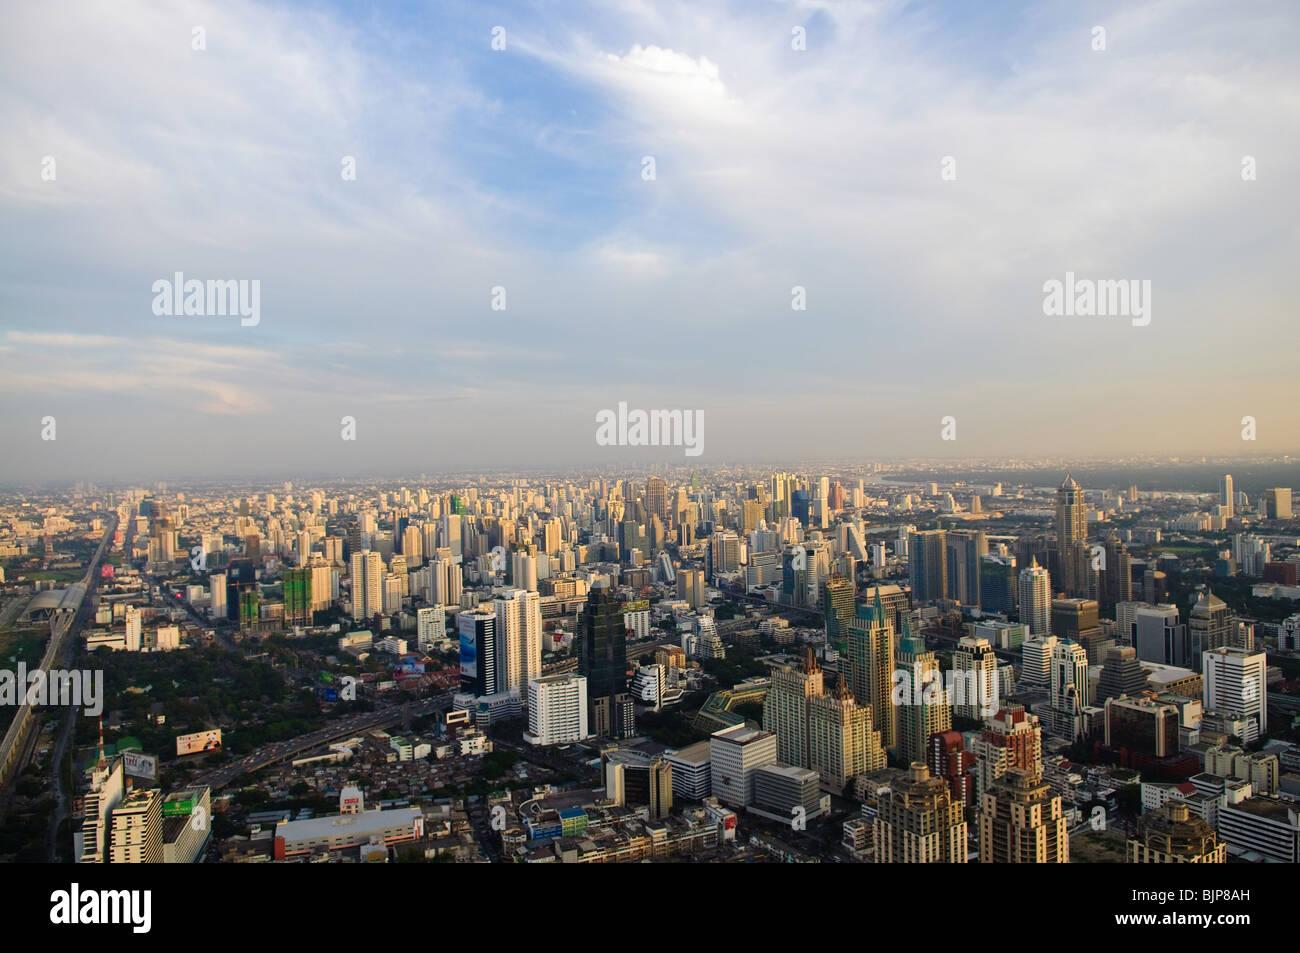 Lo skyline della citta' al tramonto. Bangkok in Thailandia Immagini Stock